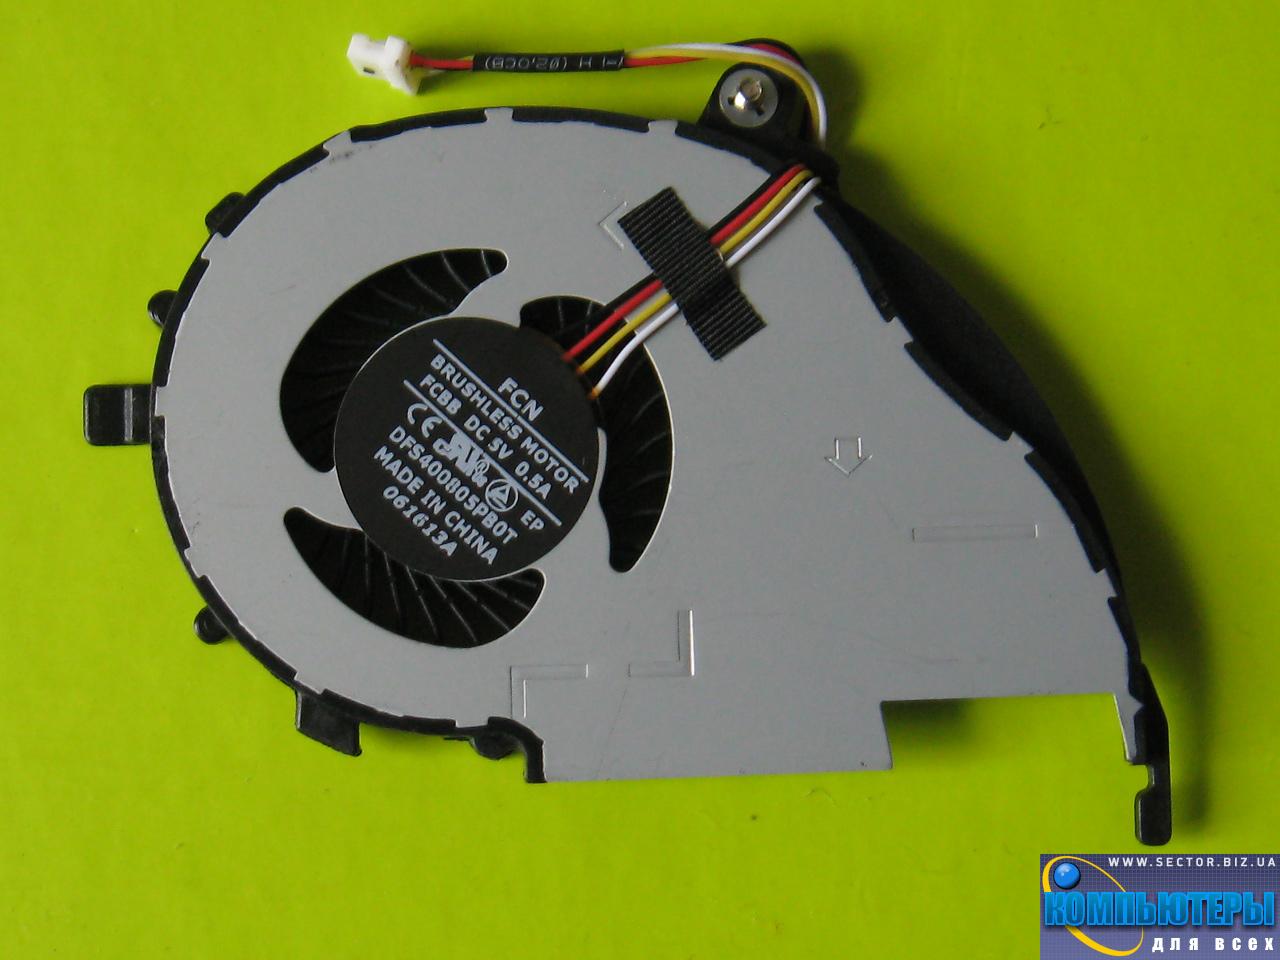 Кулер к ноутбуку Acer Aspire V5-472 V5-472P V5-572 V5-572G V5-572P V7-582PG p/n: DFS400805PB0T FCBB. Фото № 1.